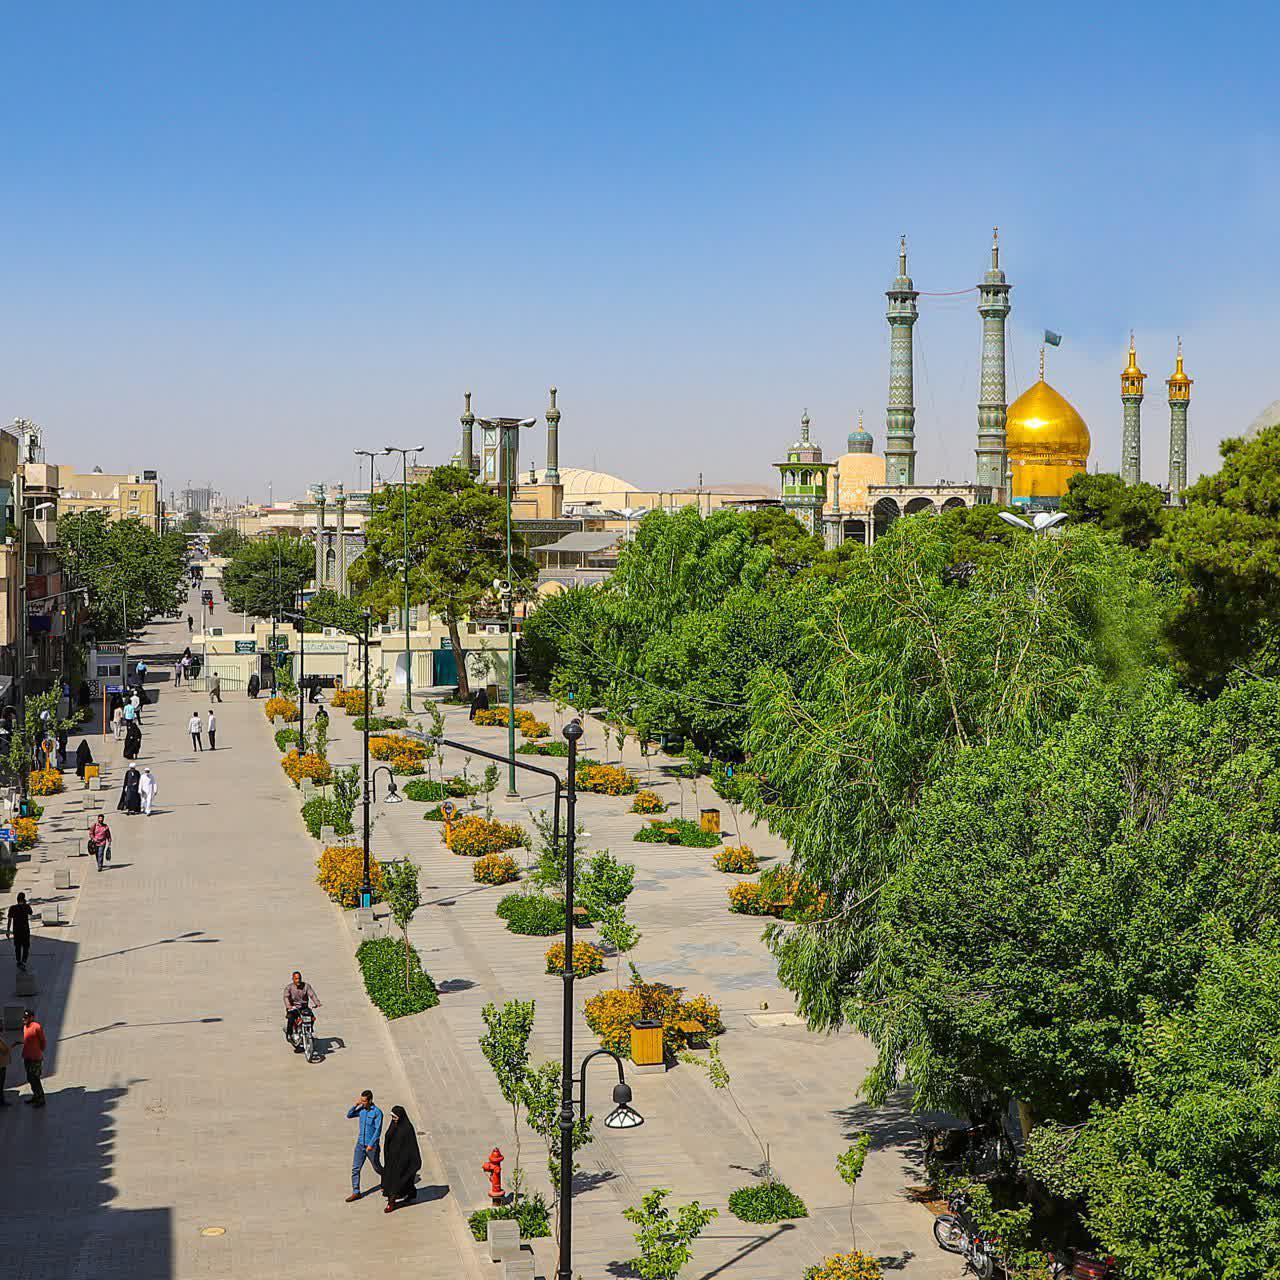 ۶۰۰ متر فضای سبز در پیادهراه آیتالله مرعشینجفی احداث میشود